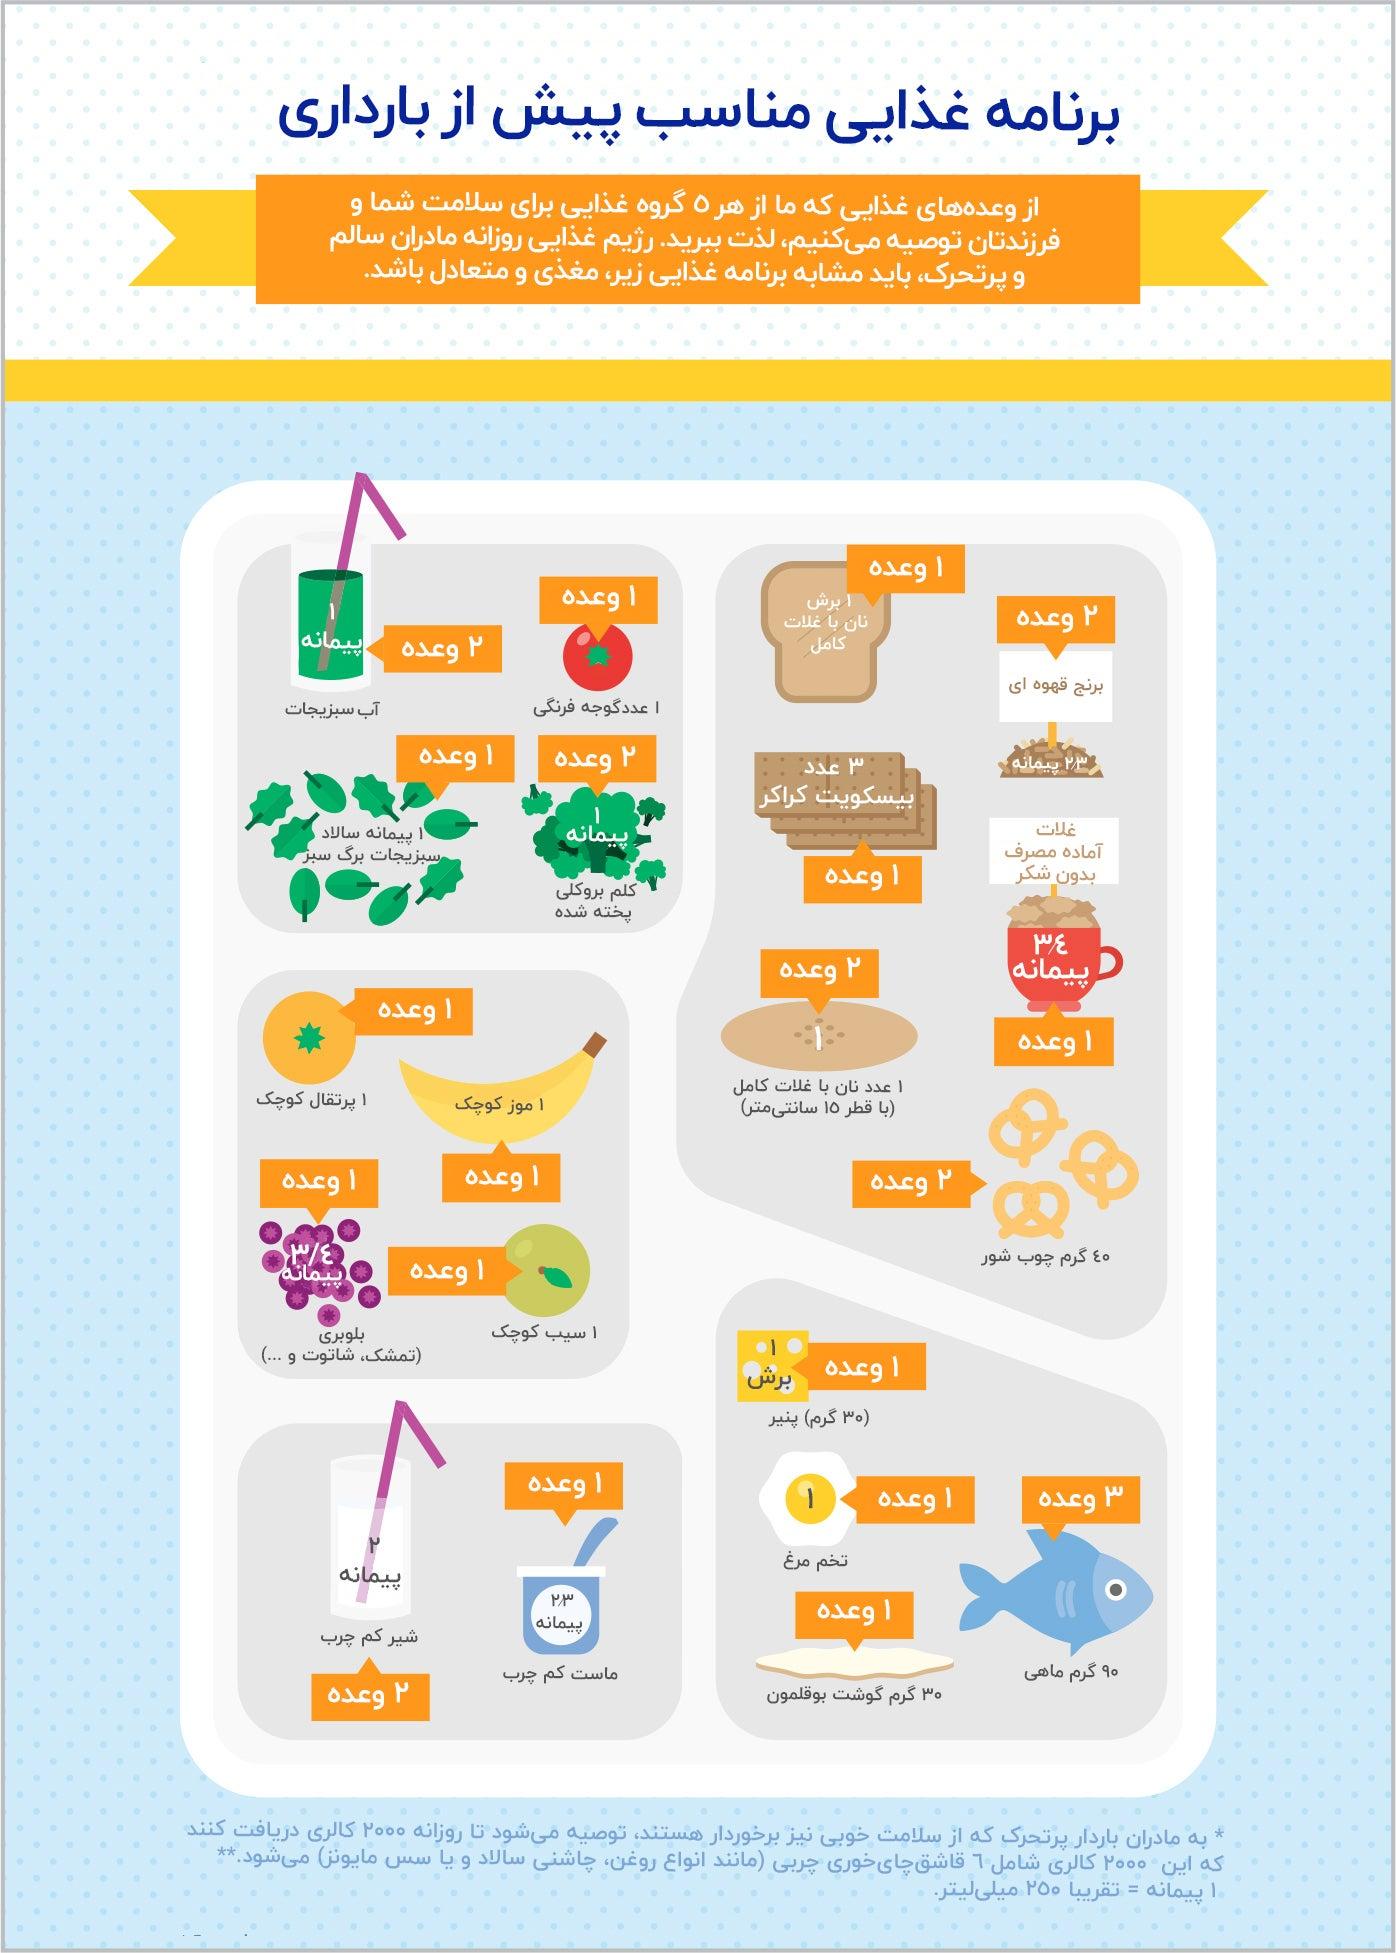 برنامه غذایی مناسب پیش از بارداری